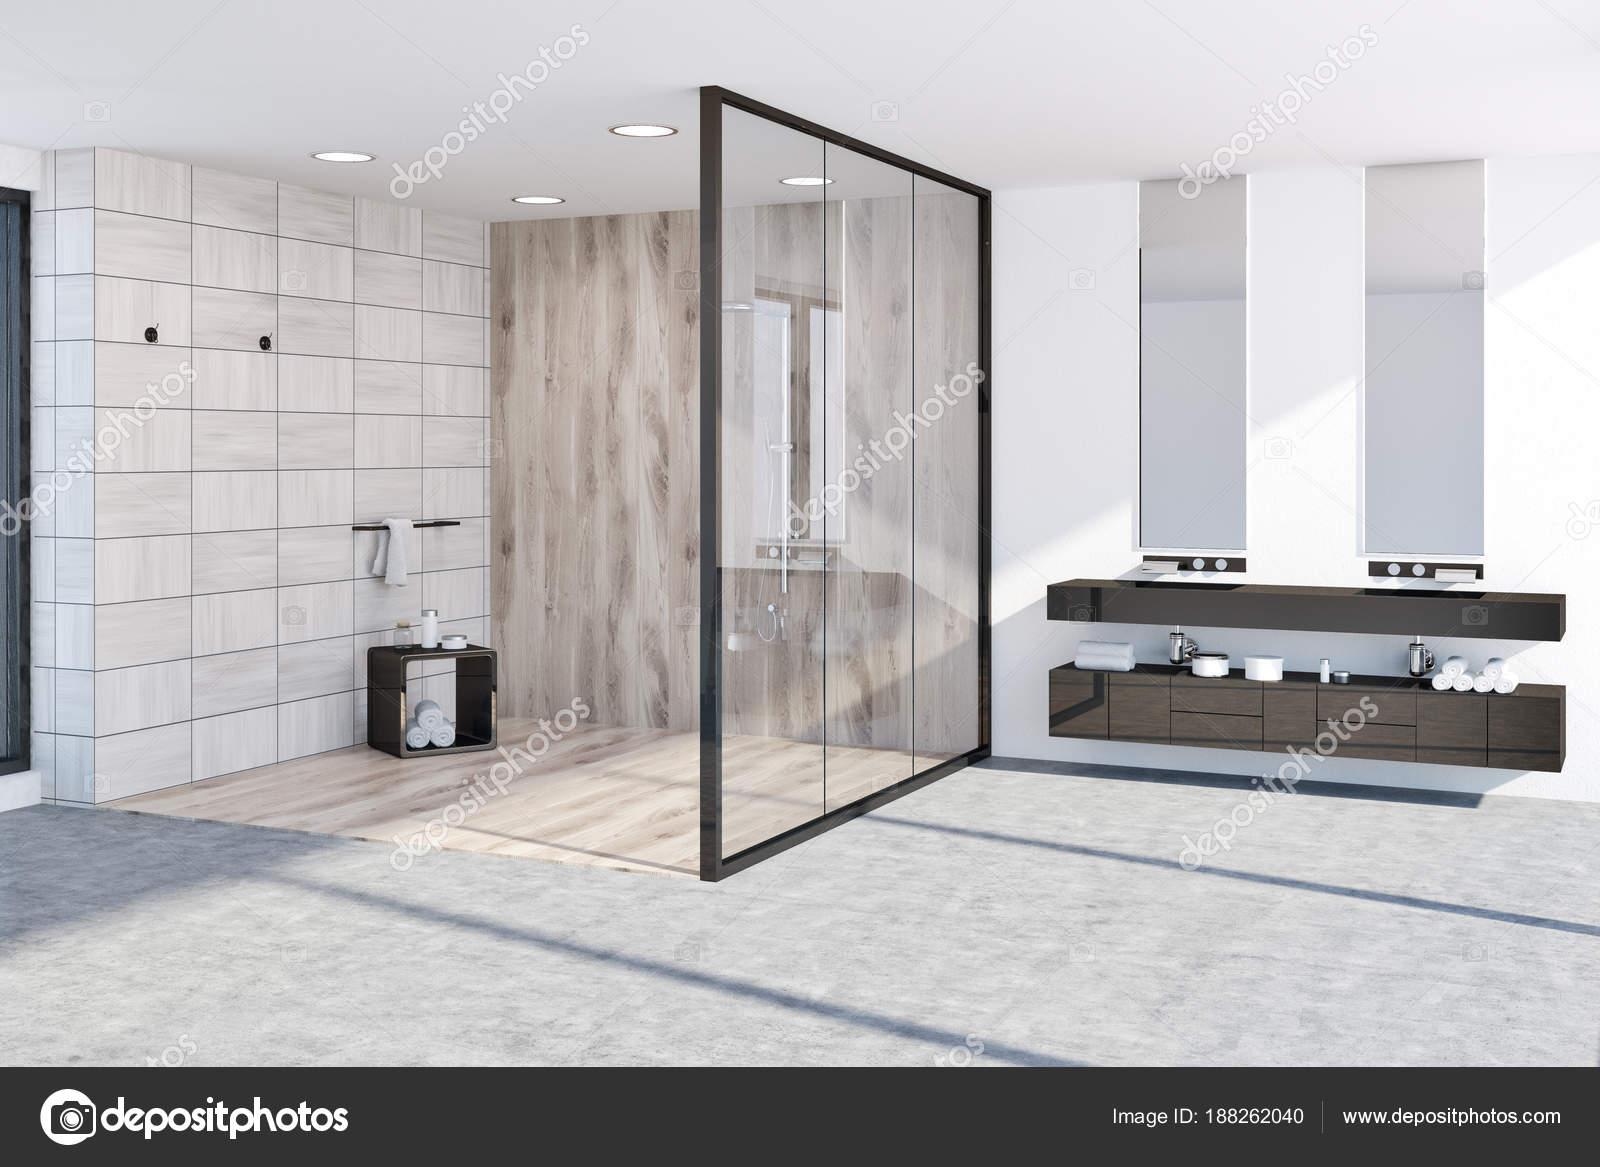 Esquina del cuarto de baño de azulejos de madera — Fotos de Stock ...